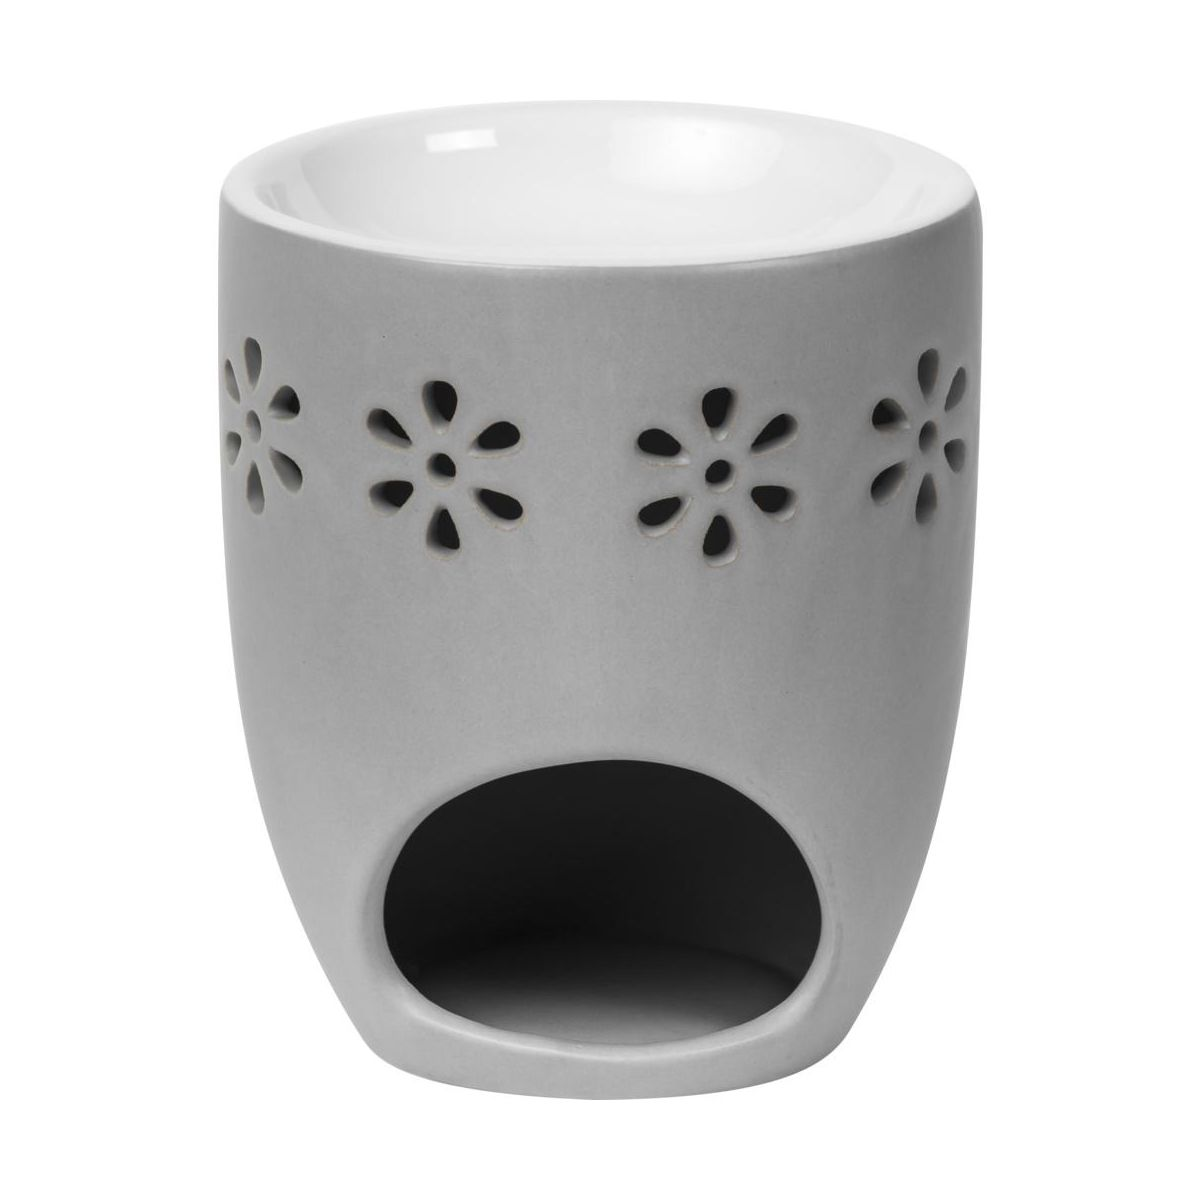 Kominek Ceramiczny Creations Wys 11 4 Cm Szary Swieczniki Latarenki W Atrakcyjnej Cenie W Sklepach Leroy Merlin